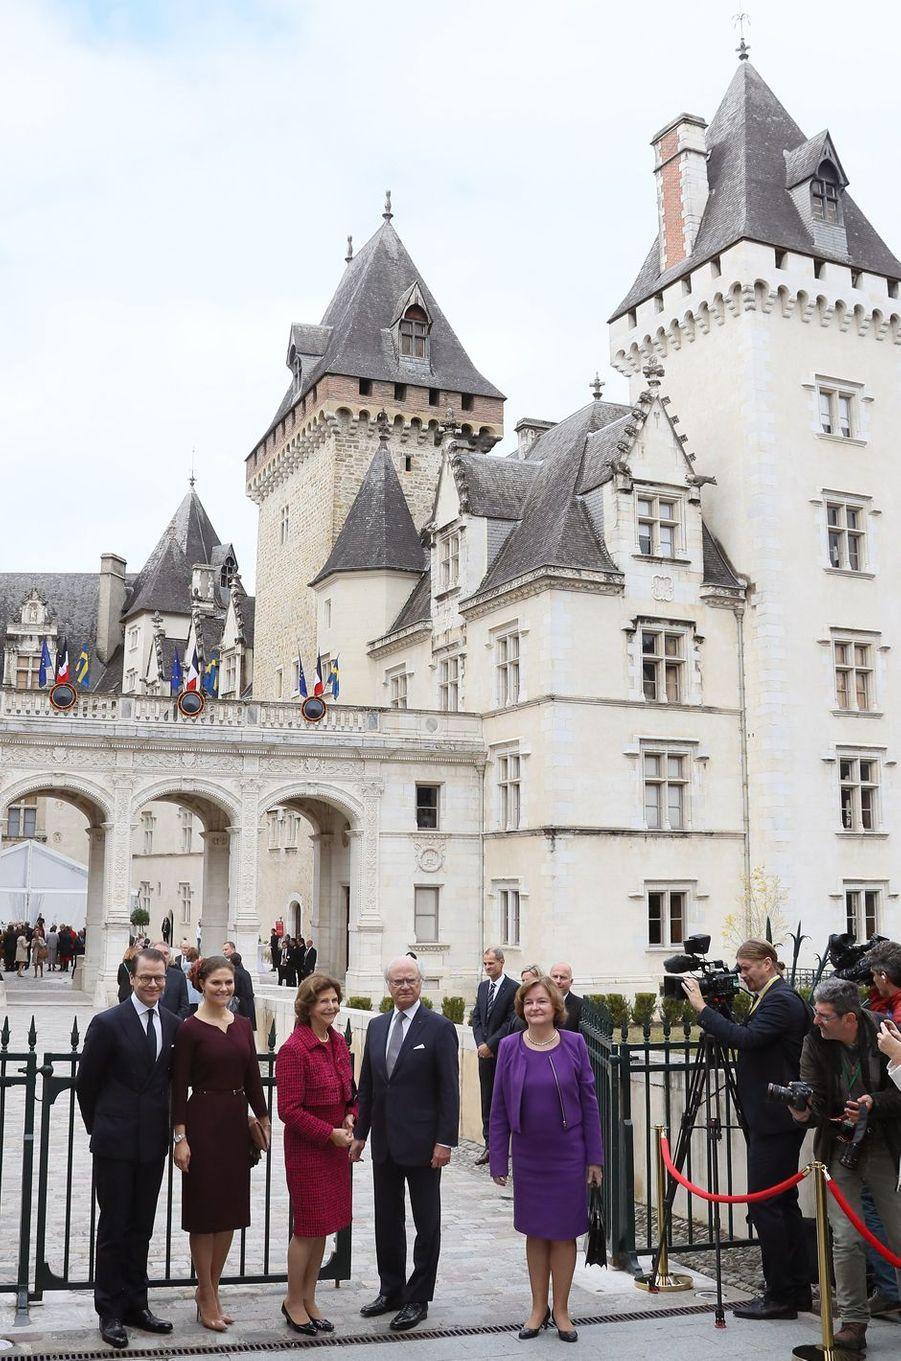 Le roi Carl XVI Gustaf de Suède, la reine Silvia, la princesse Victoria et le prince Daniel à Pau, le 8 octobre 2018